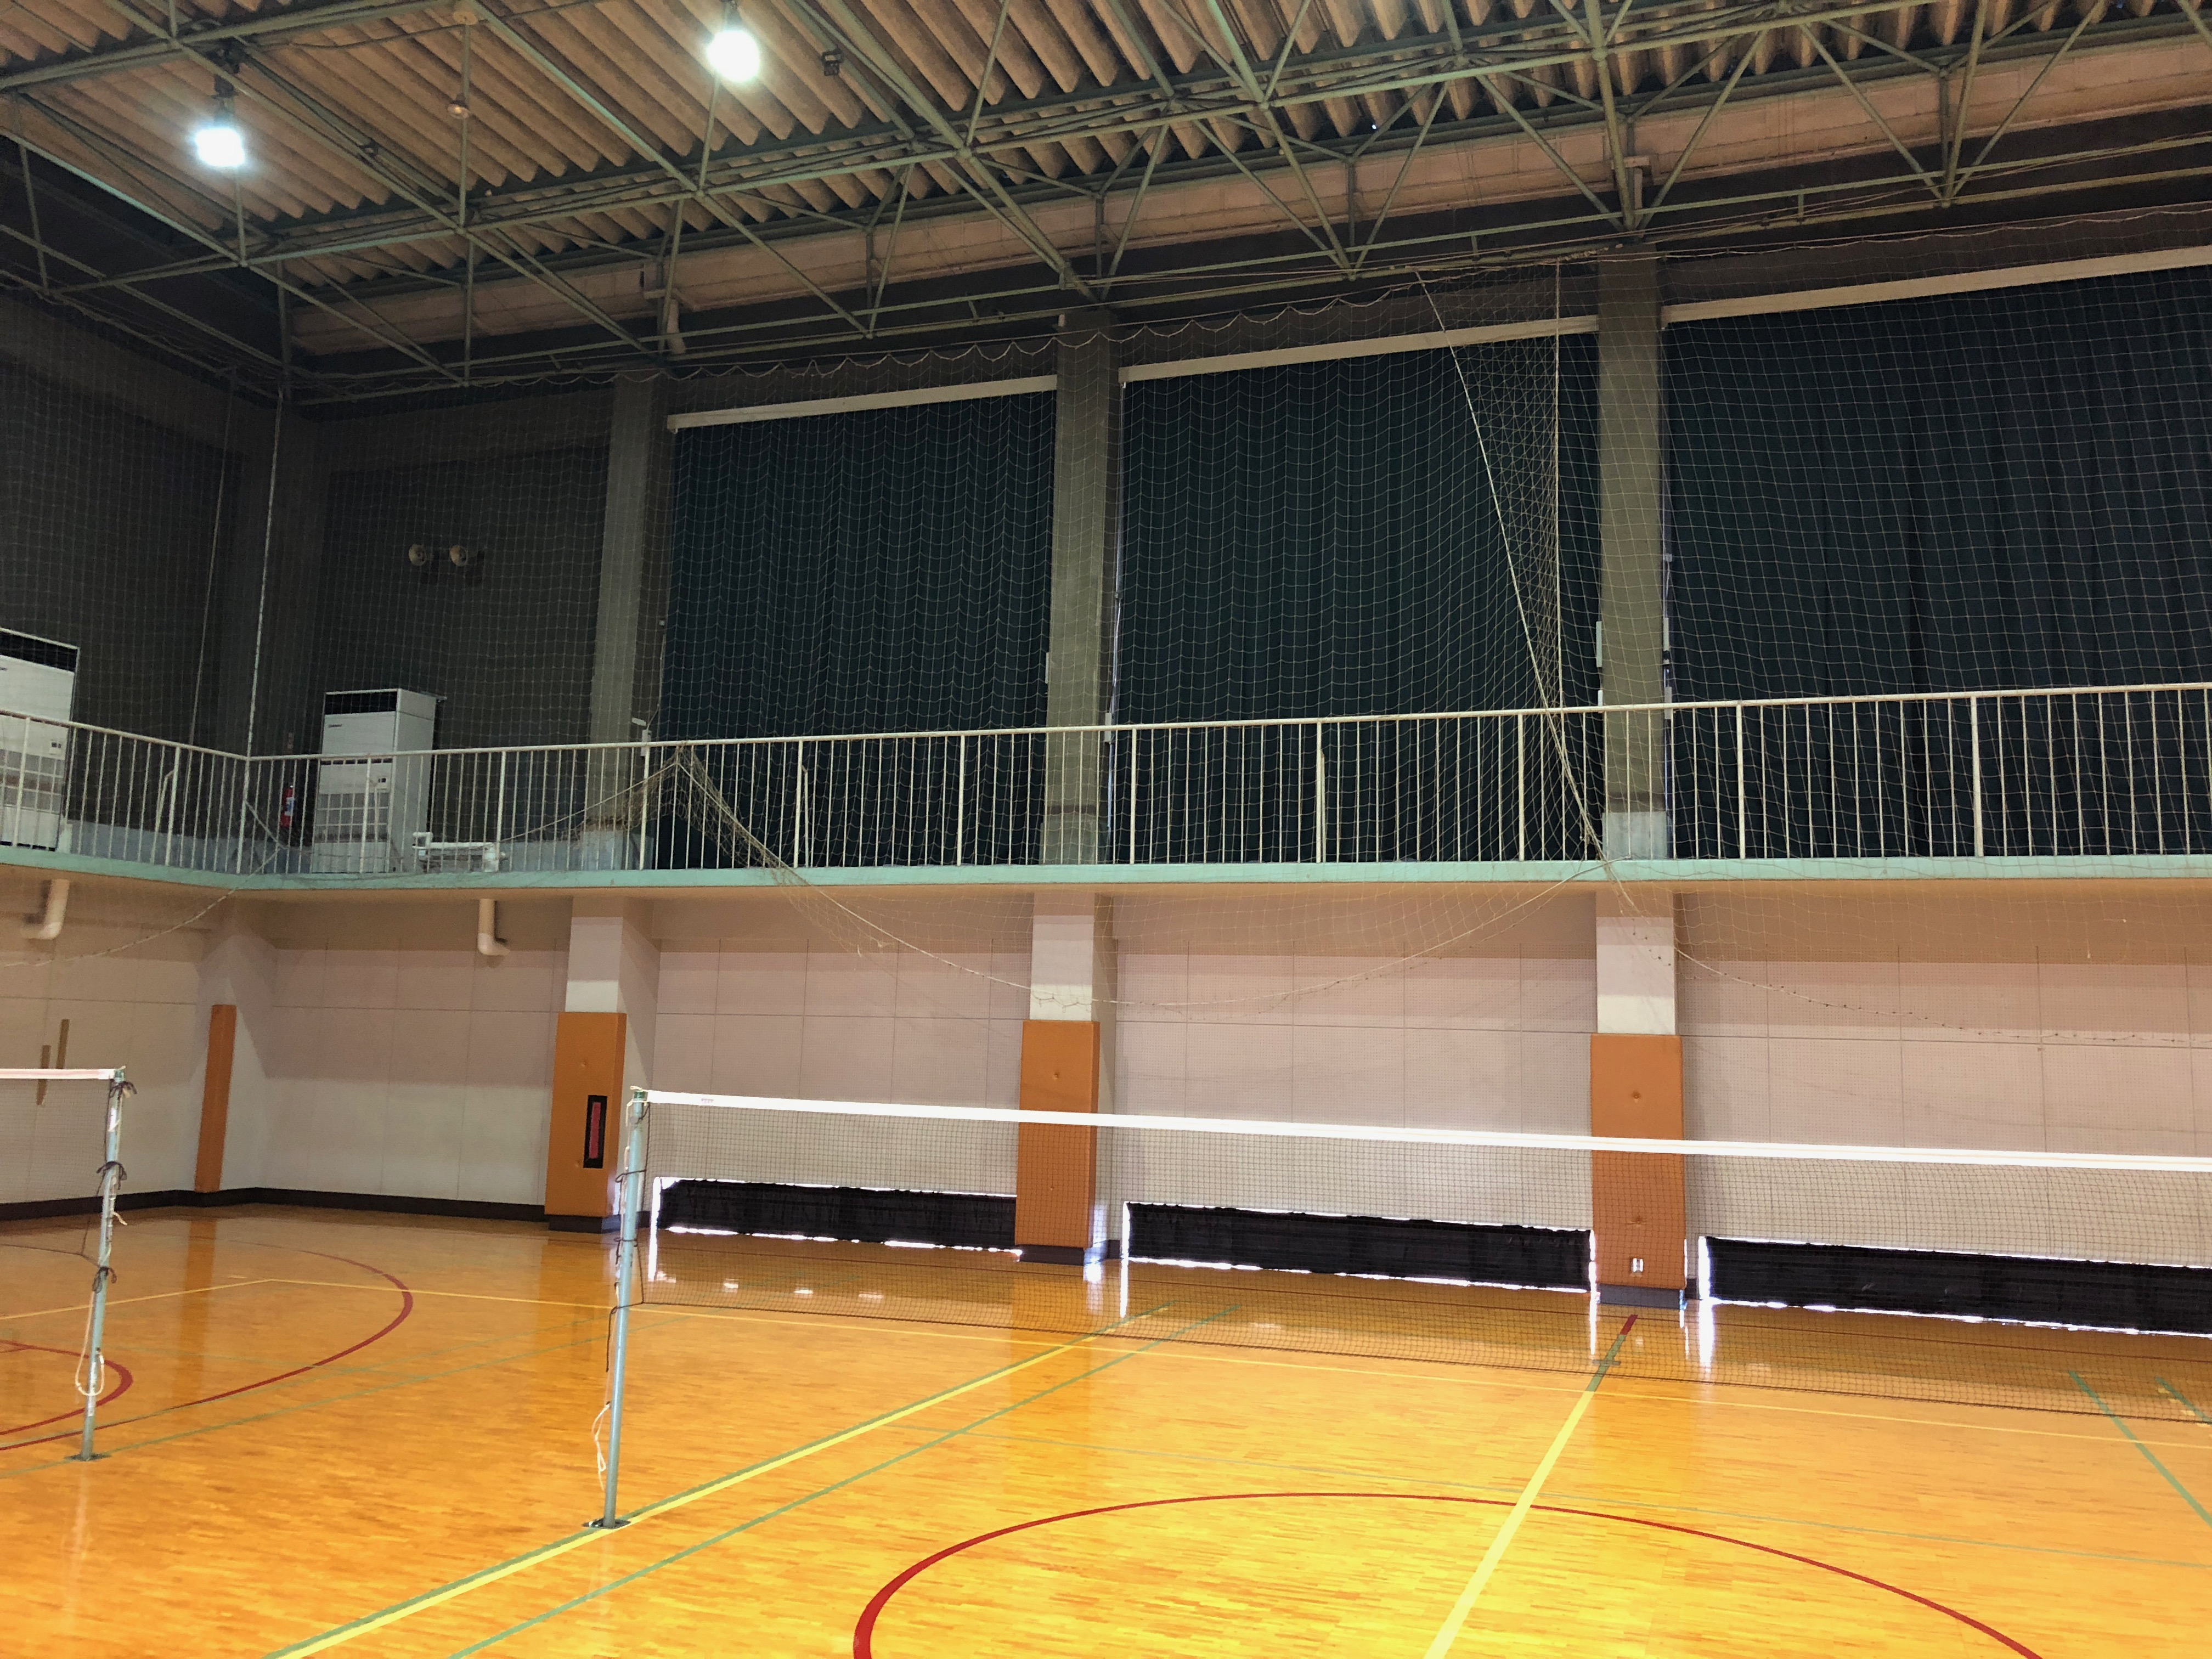 カーテンが新品に!エアコンは有料に!駒場体育館 第2体育室での練習